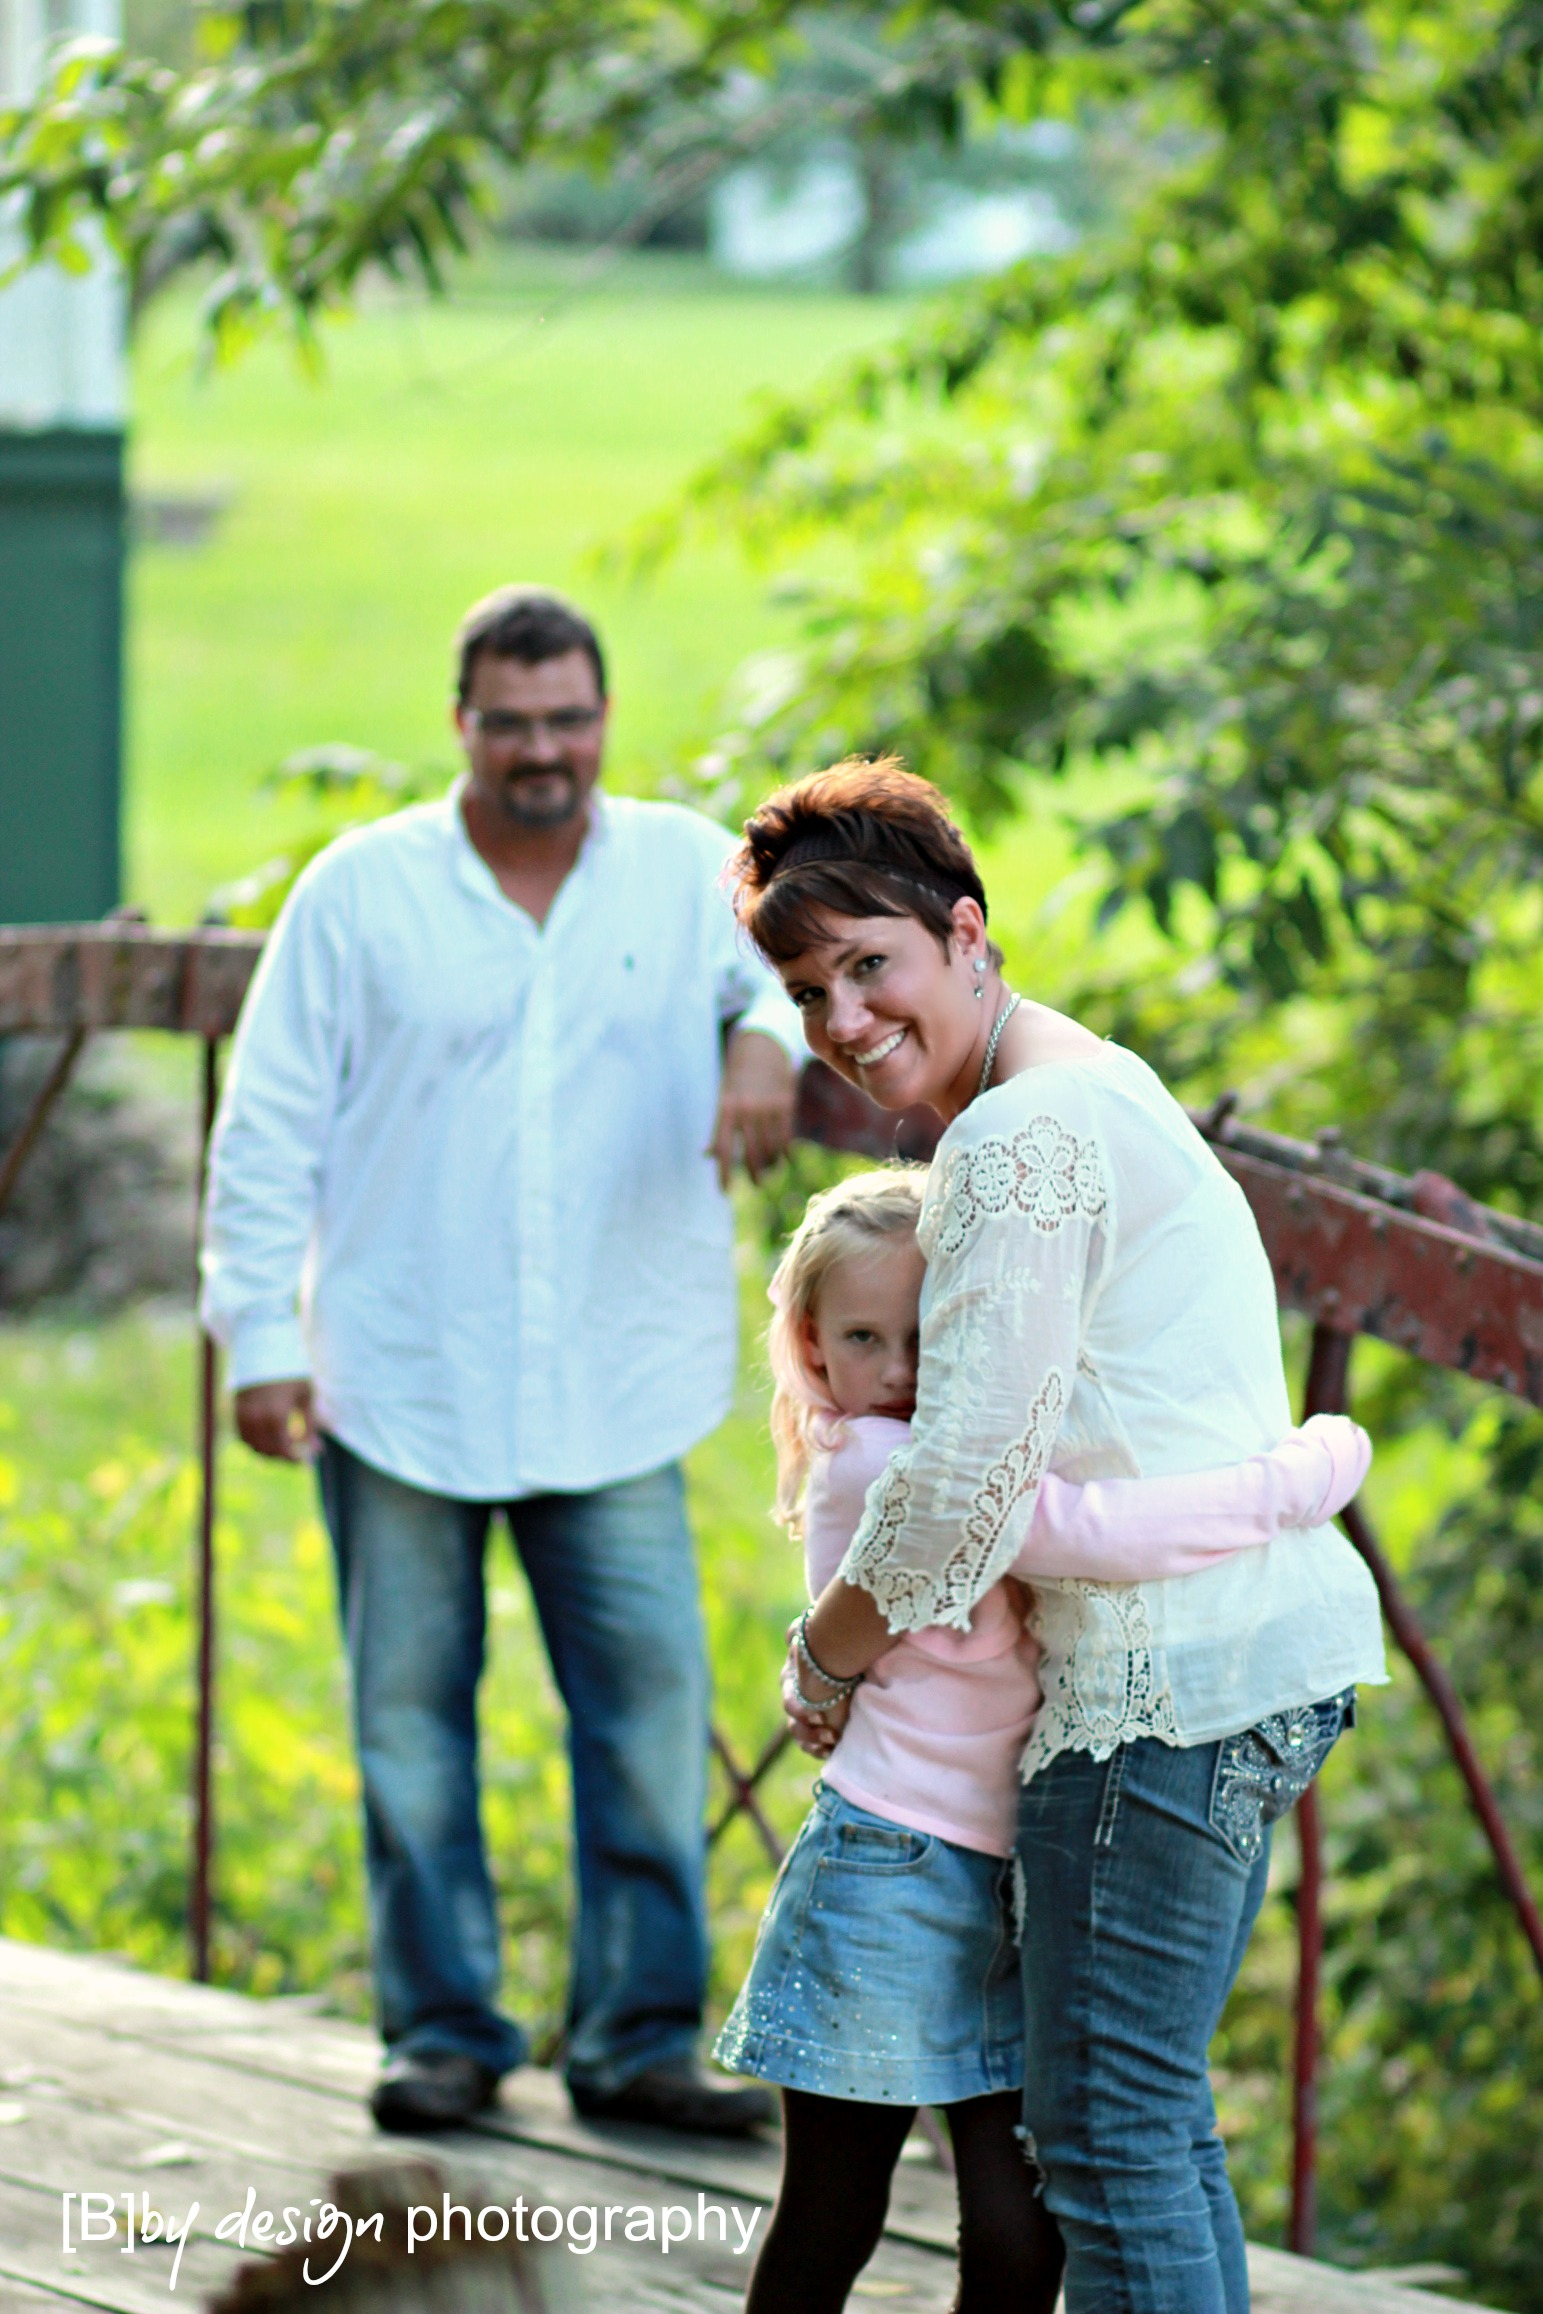 Melissa family pix 337.jpg